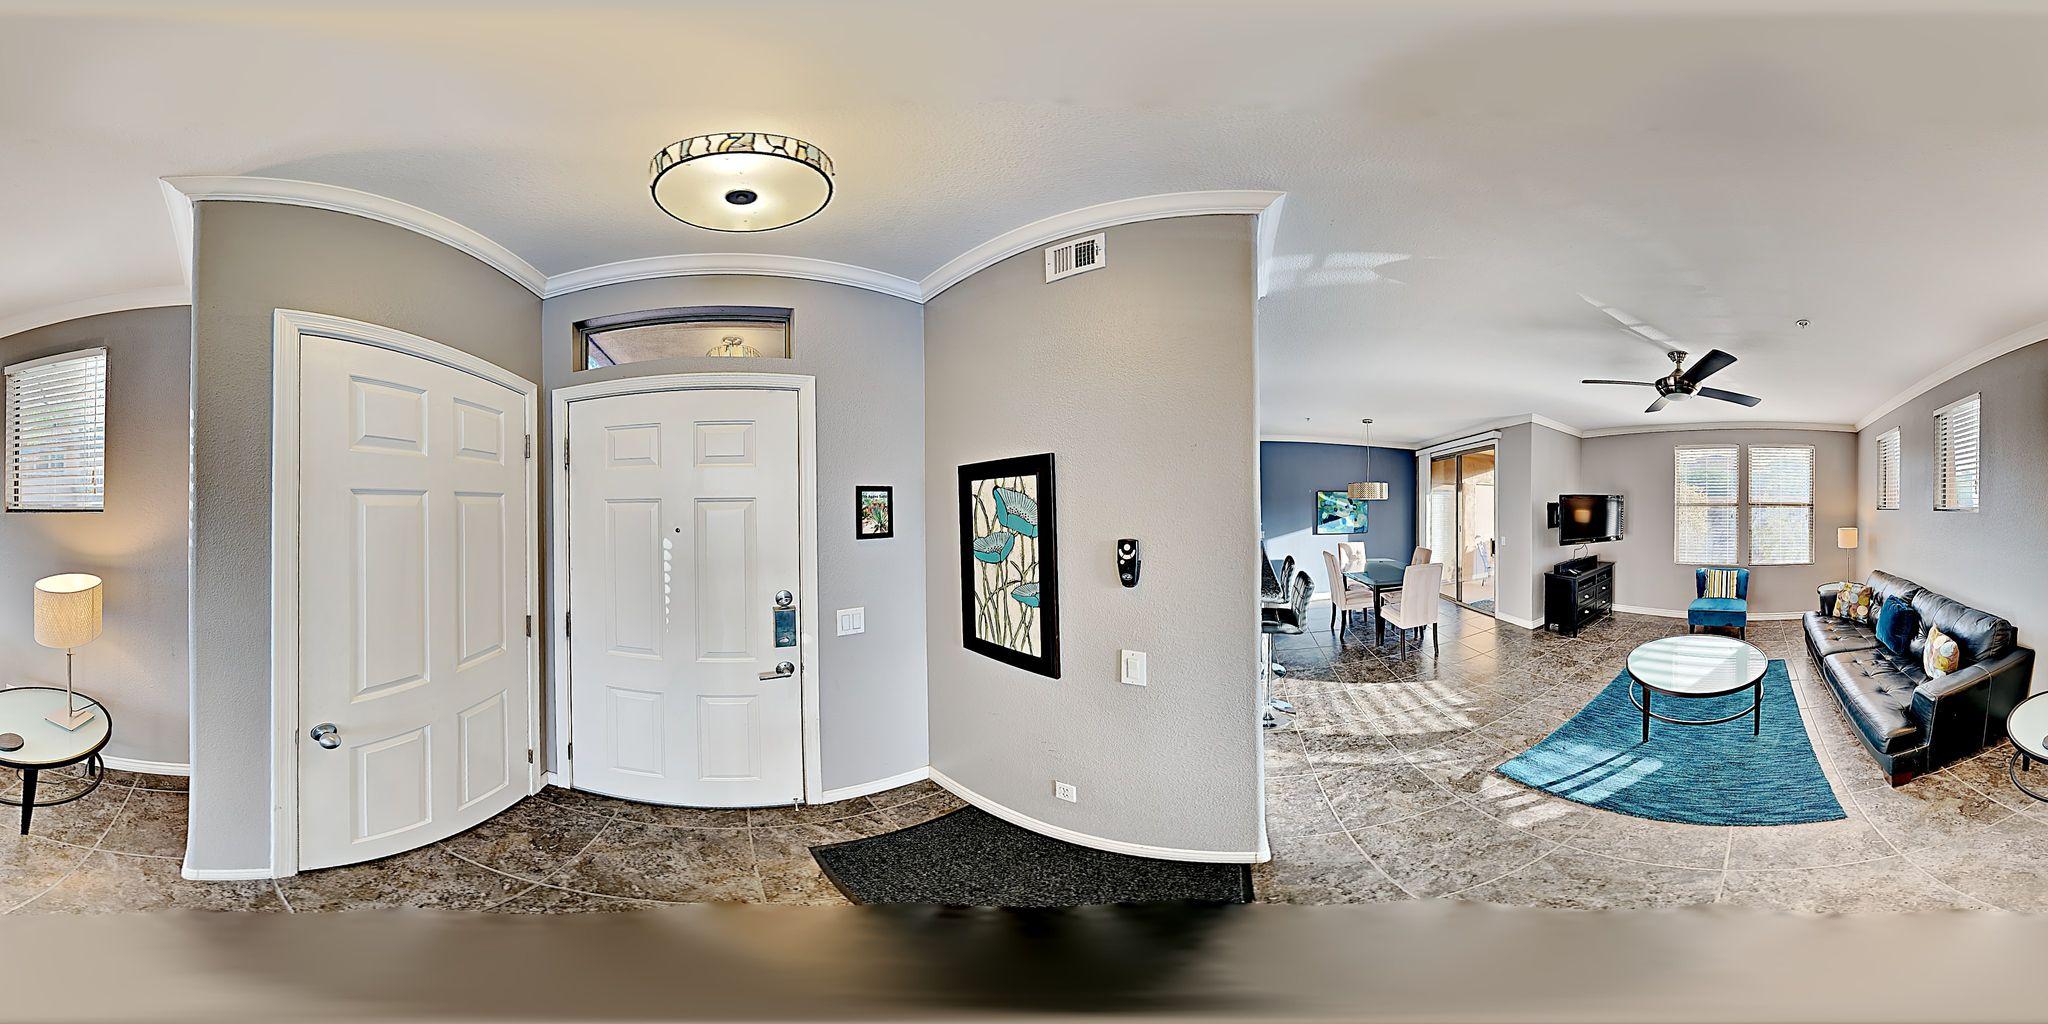 Obtén un vistazo de 360° de la distribución y las amenidades de esta propiedad.